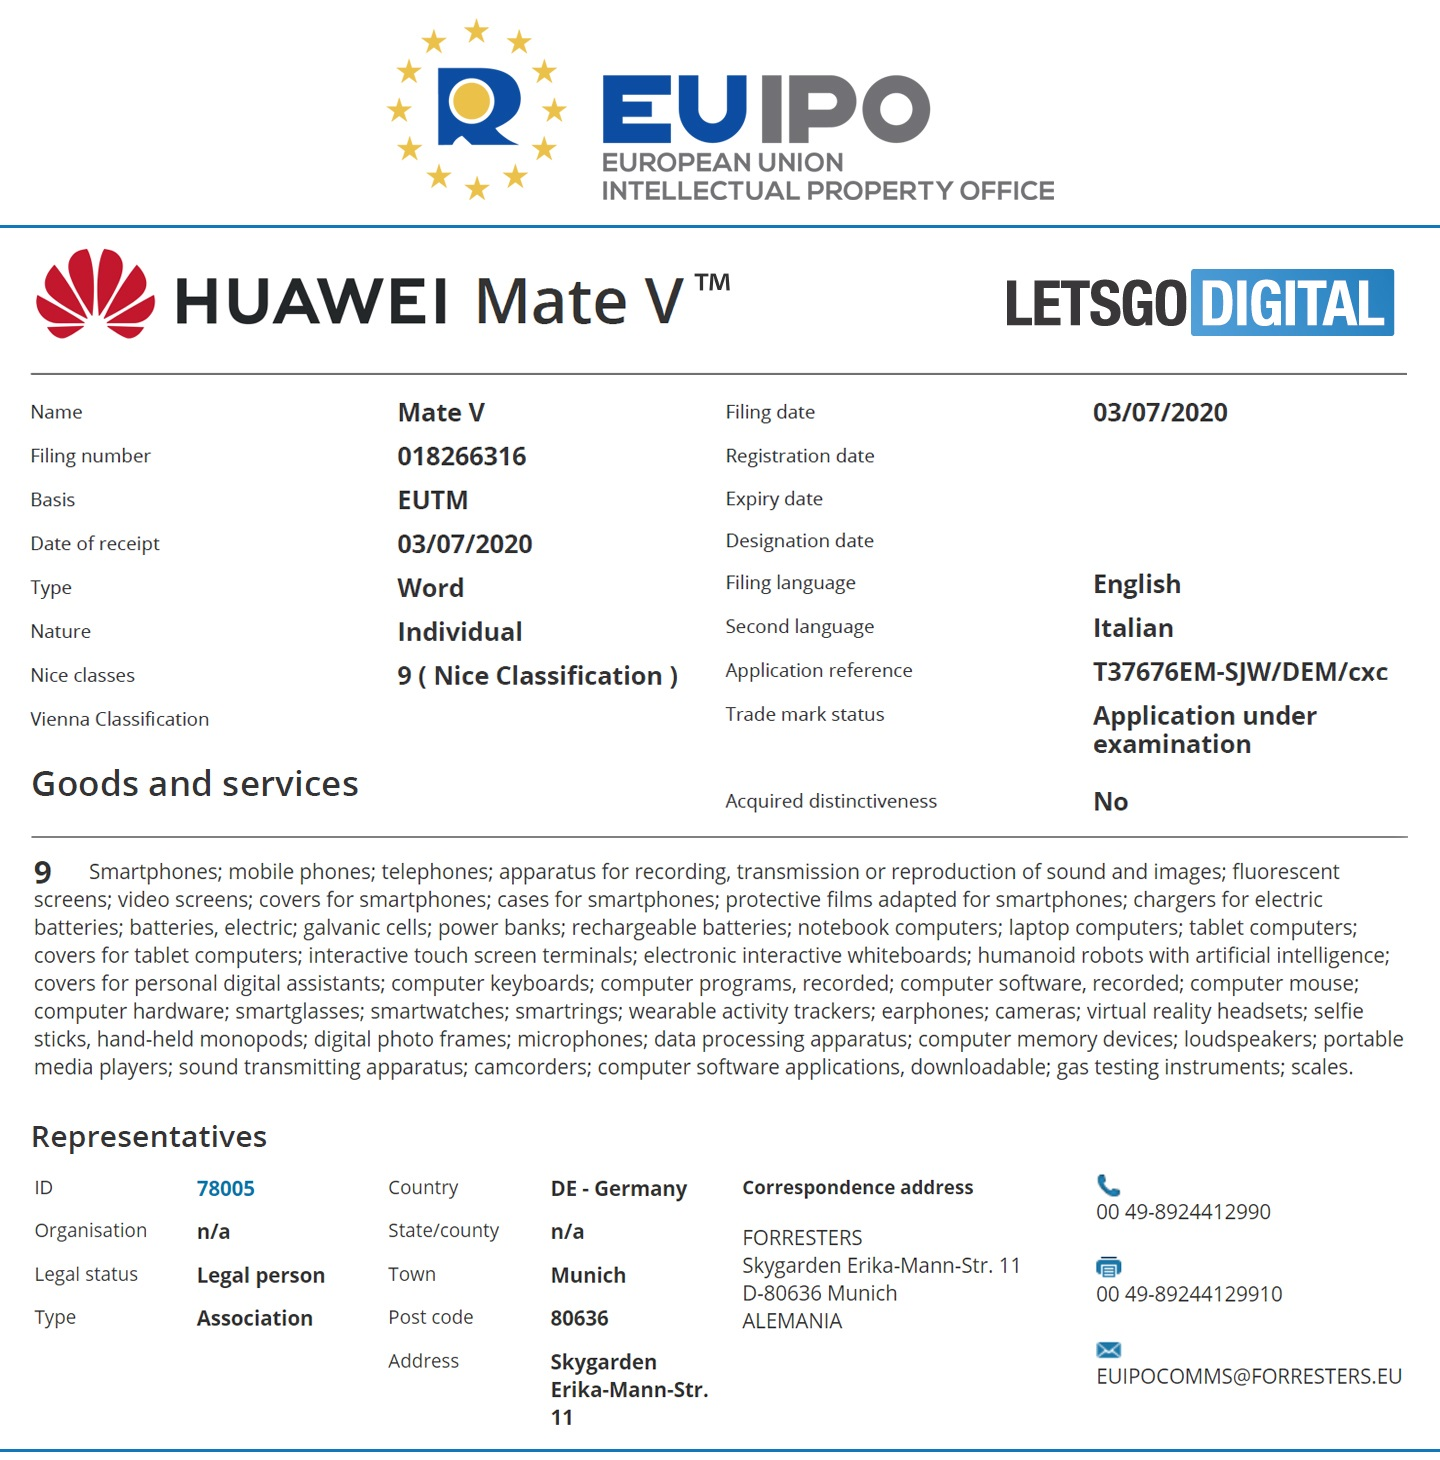 Huawei Mate V EUIPO